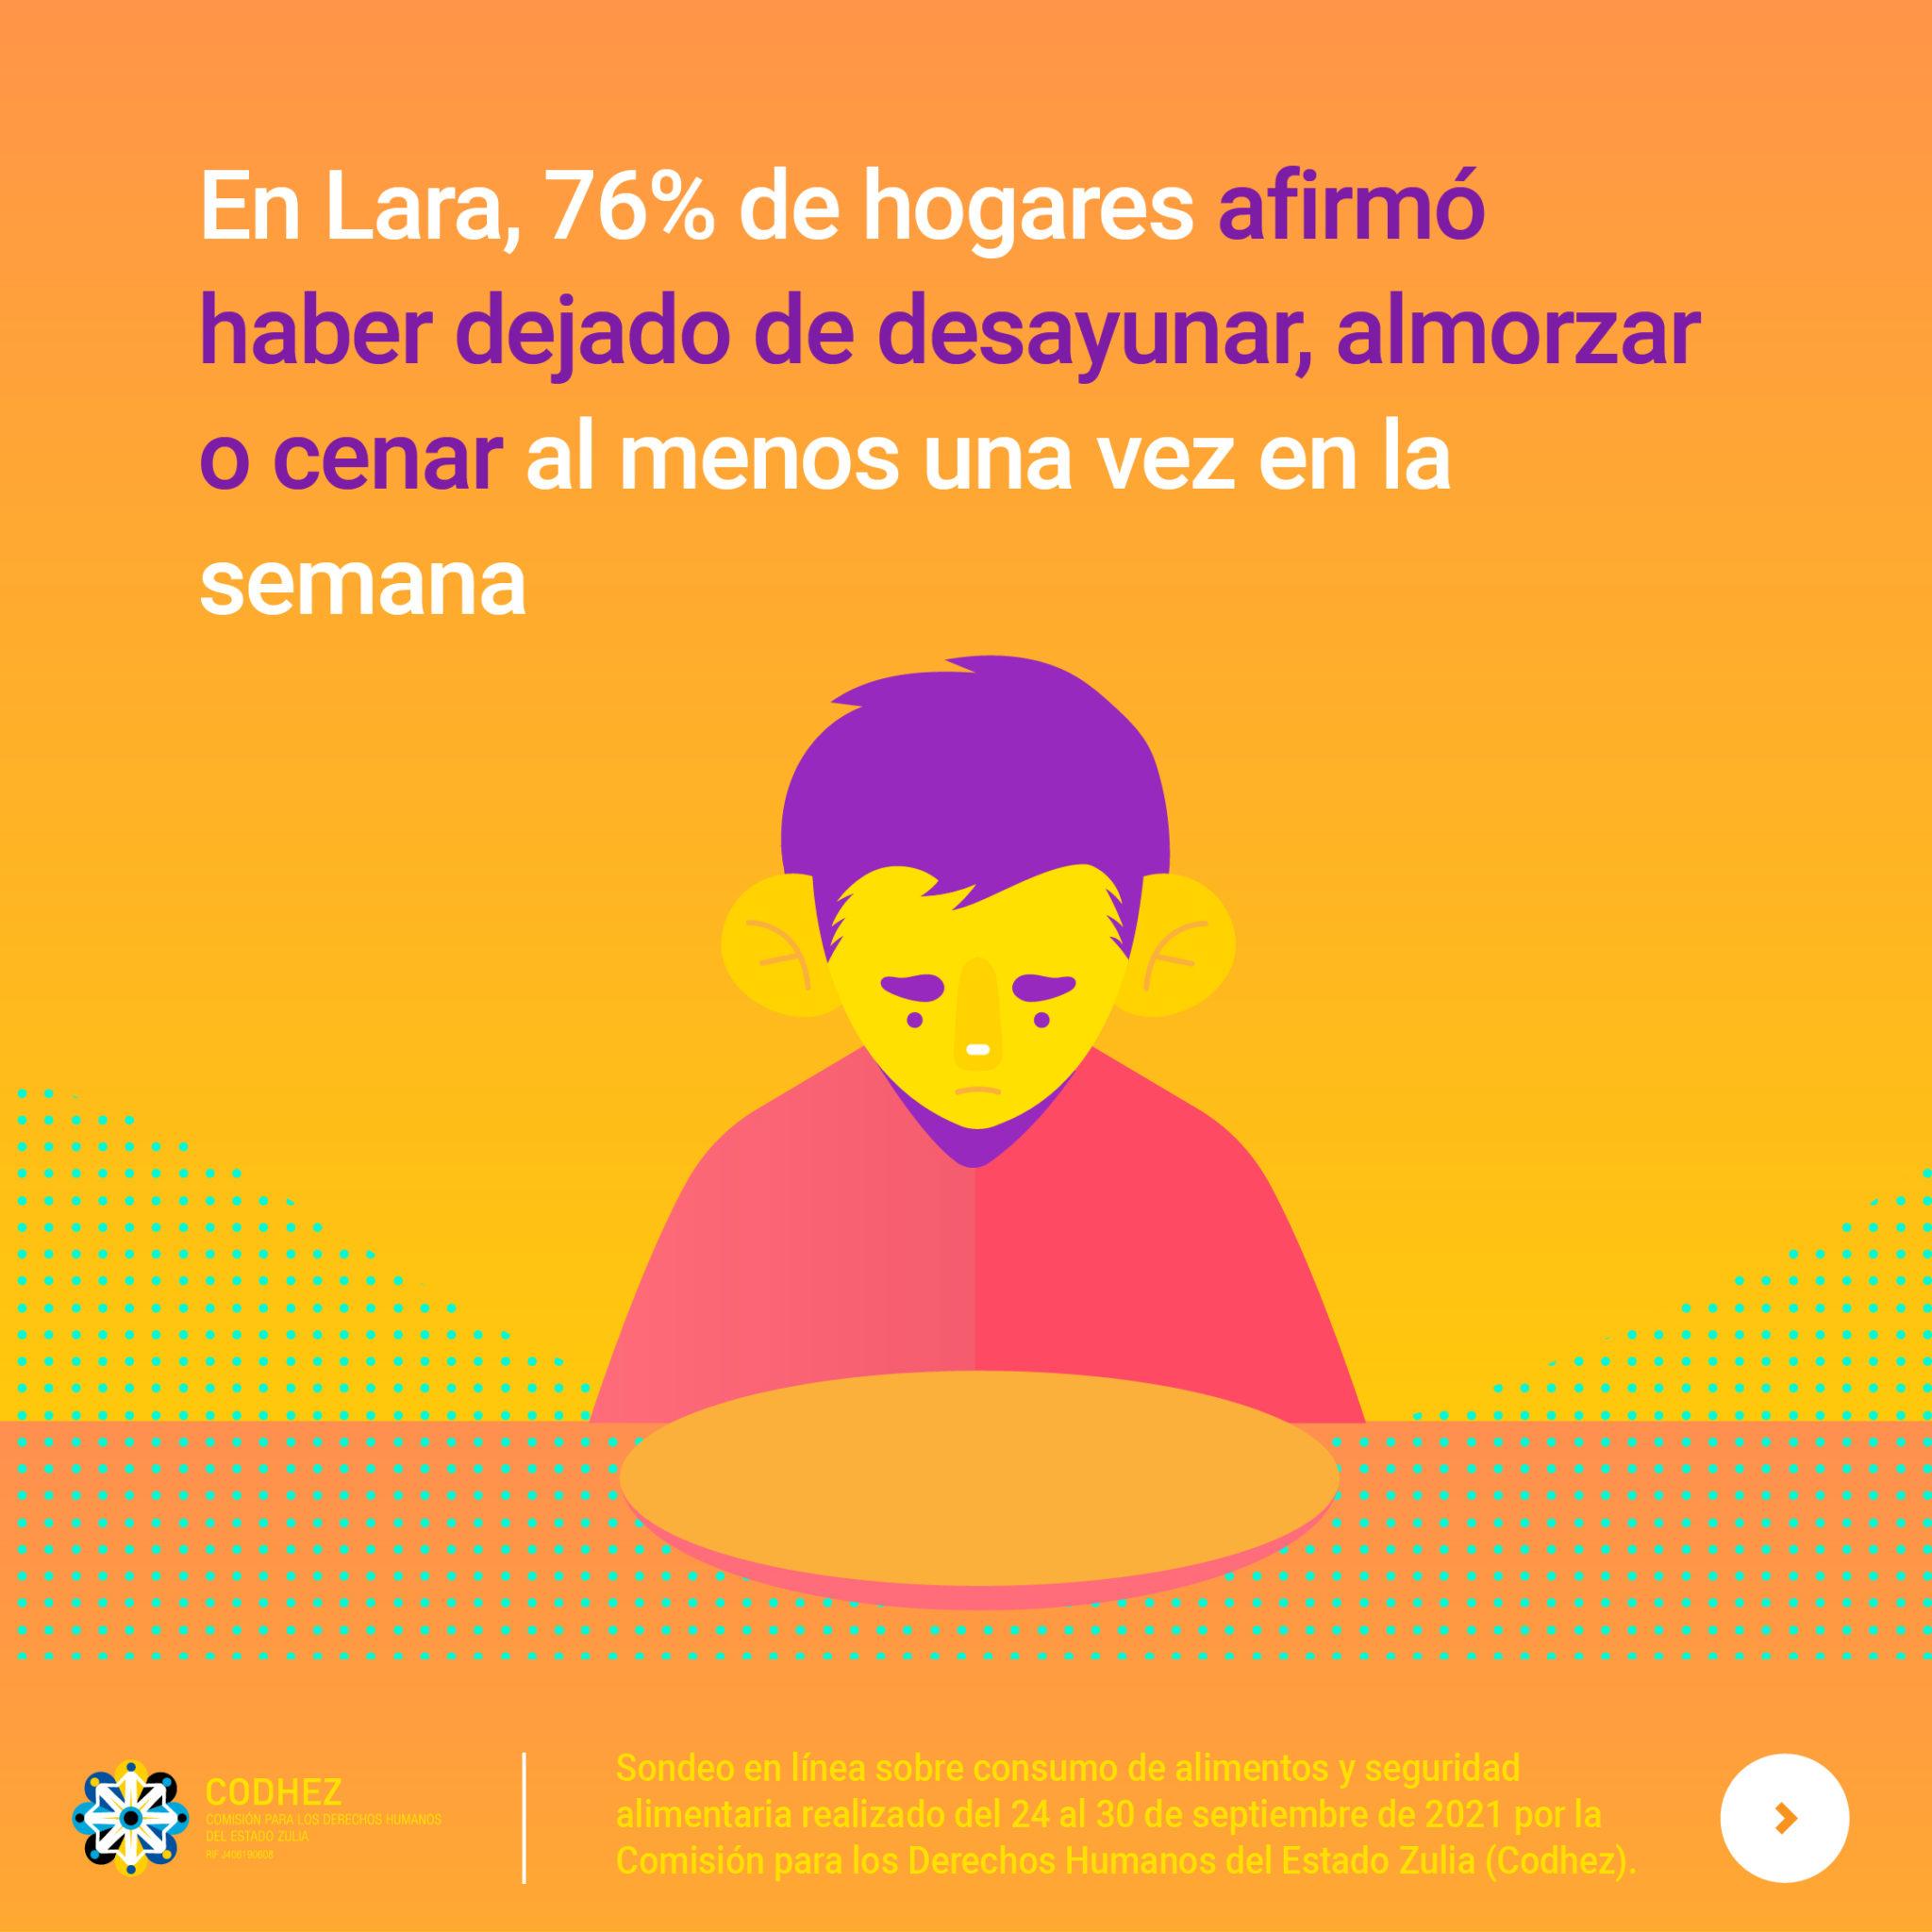 Casi la mitad de los hogares en Lara depende de la ayuda de familiares en el exterior para poder alimentarse